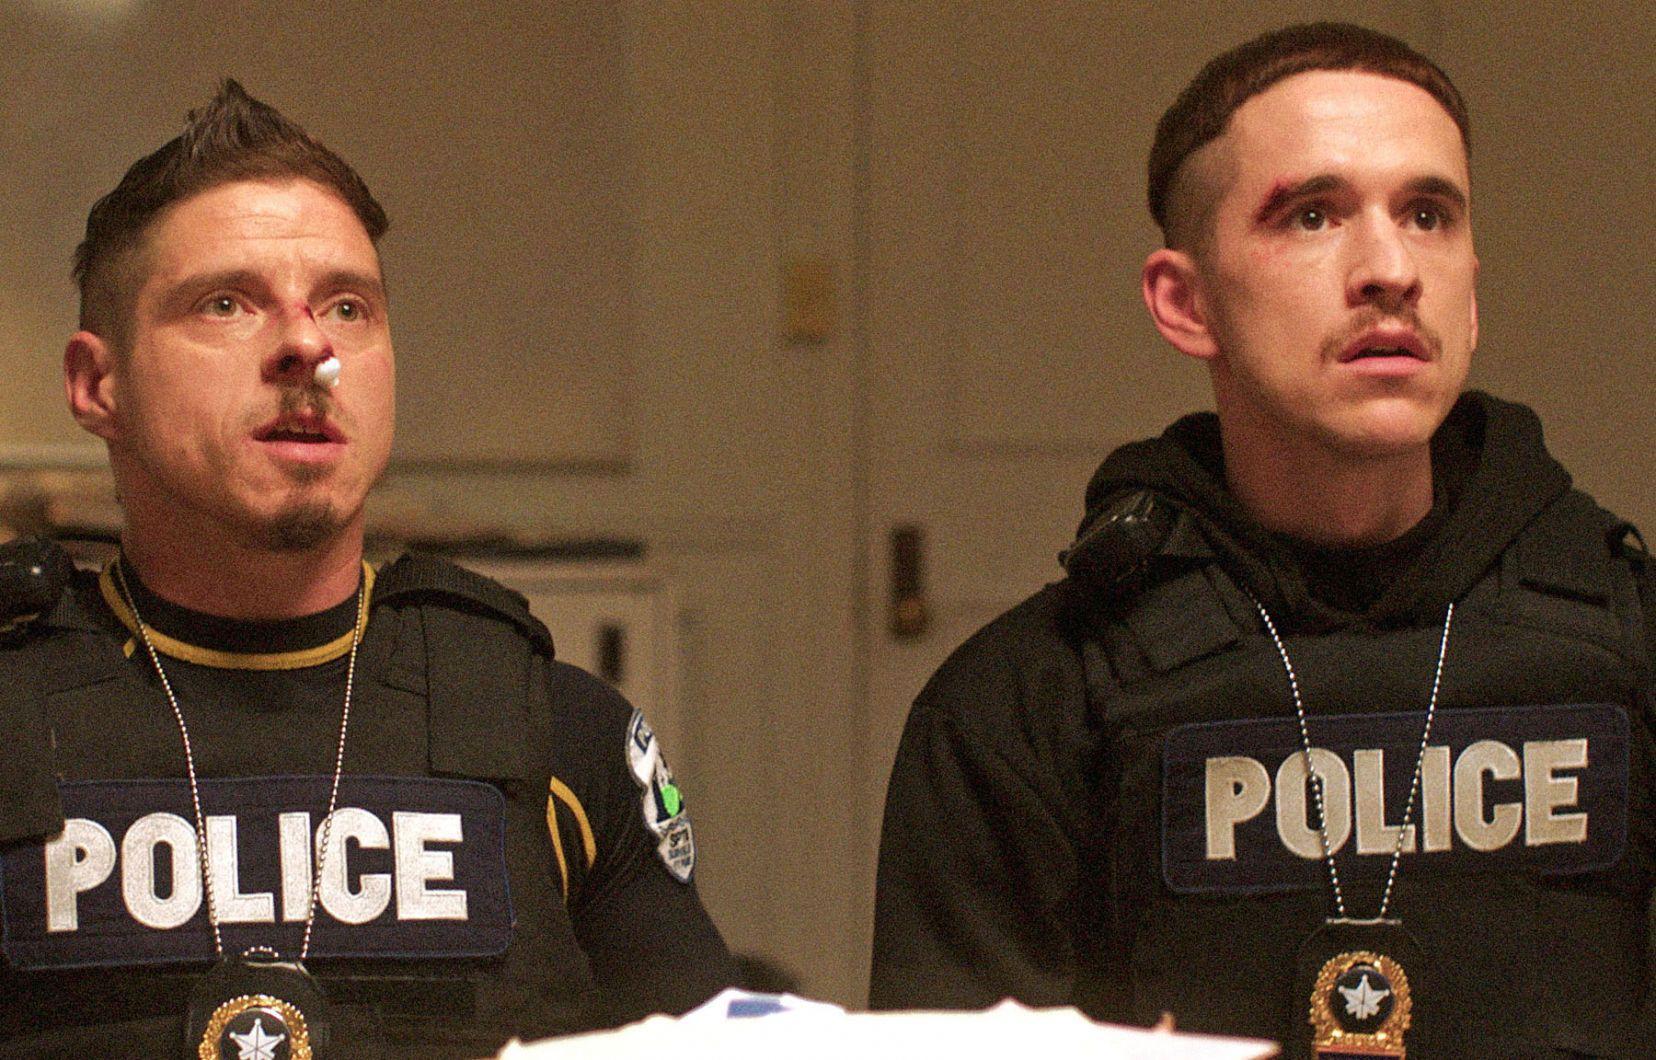 actors Hugolin Chevrette-Landesque and Emile Schneider dressed as cops for TV series La Loi C'est La Loi filmed by Les Gamins for TV5 Unis